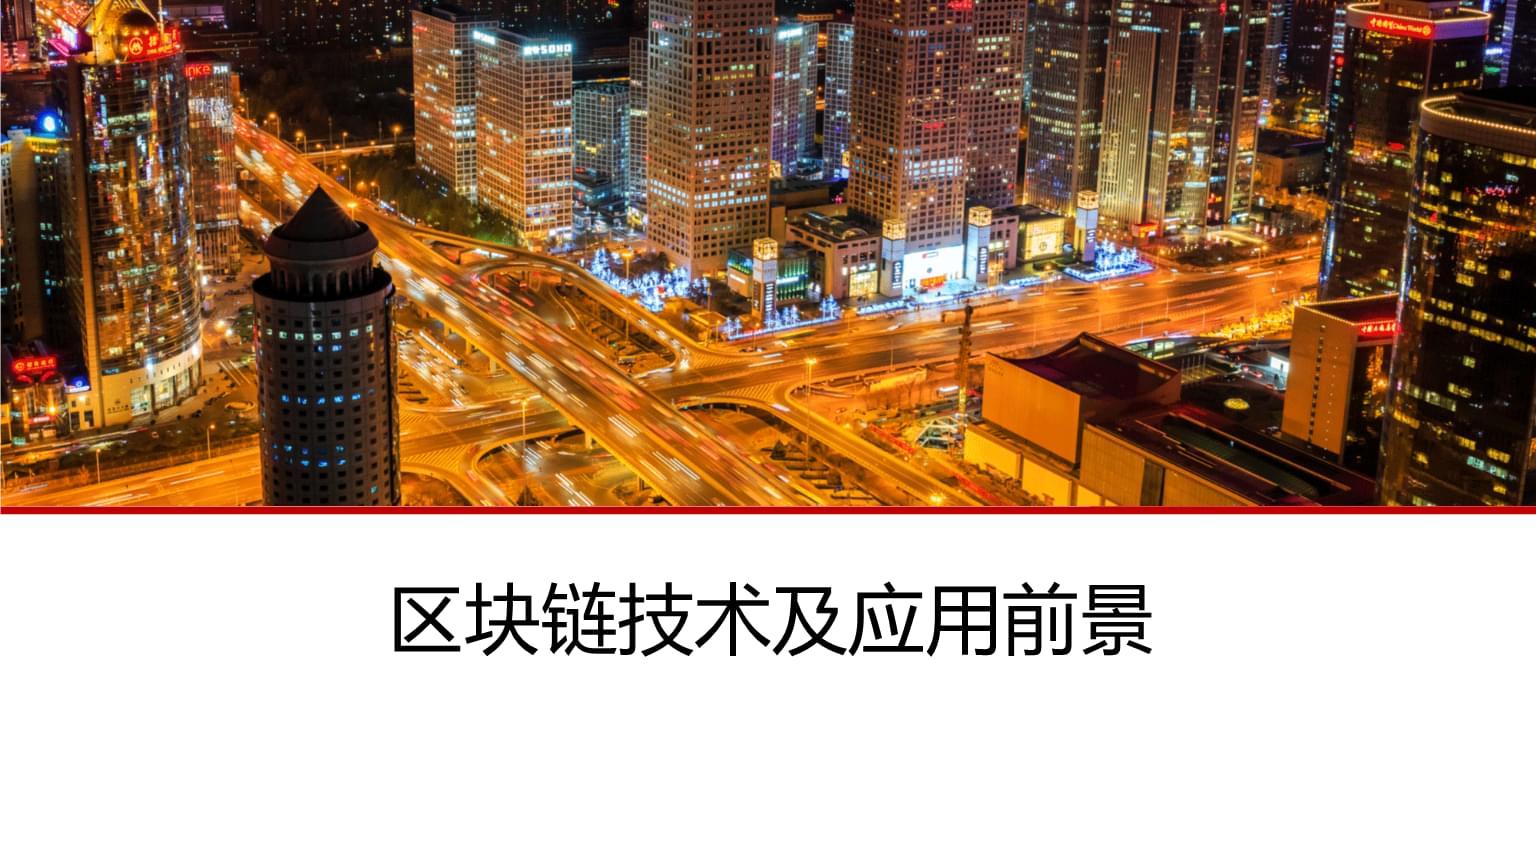 區塊鏈技術及應用前景學習課件.pptx